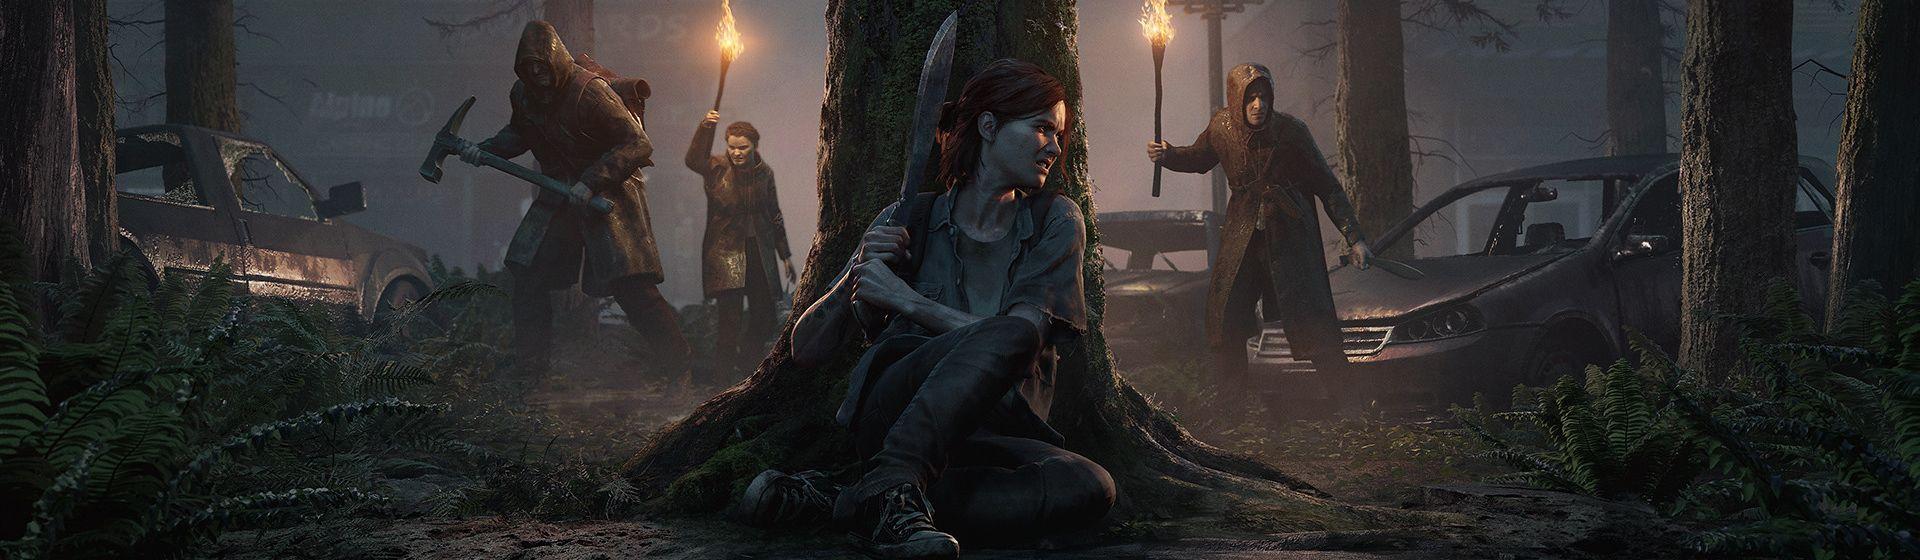 The Last of Us 2 é o 'Jogo do Ano' pelo TGA 2020; veja anúncios da premiação